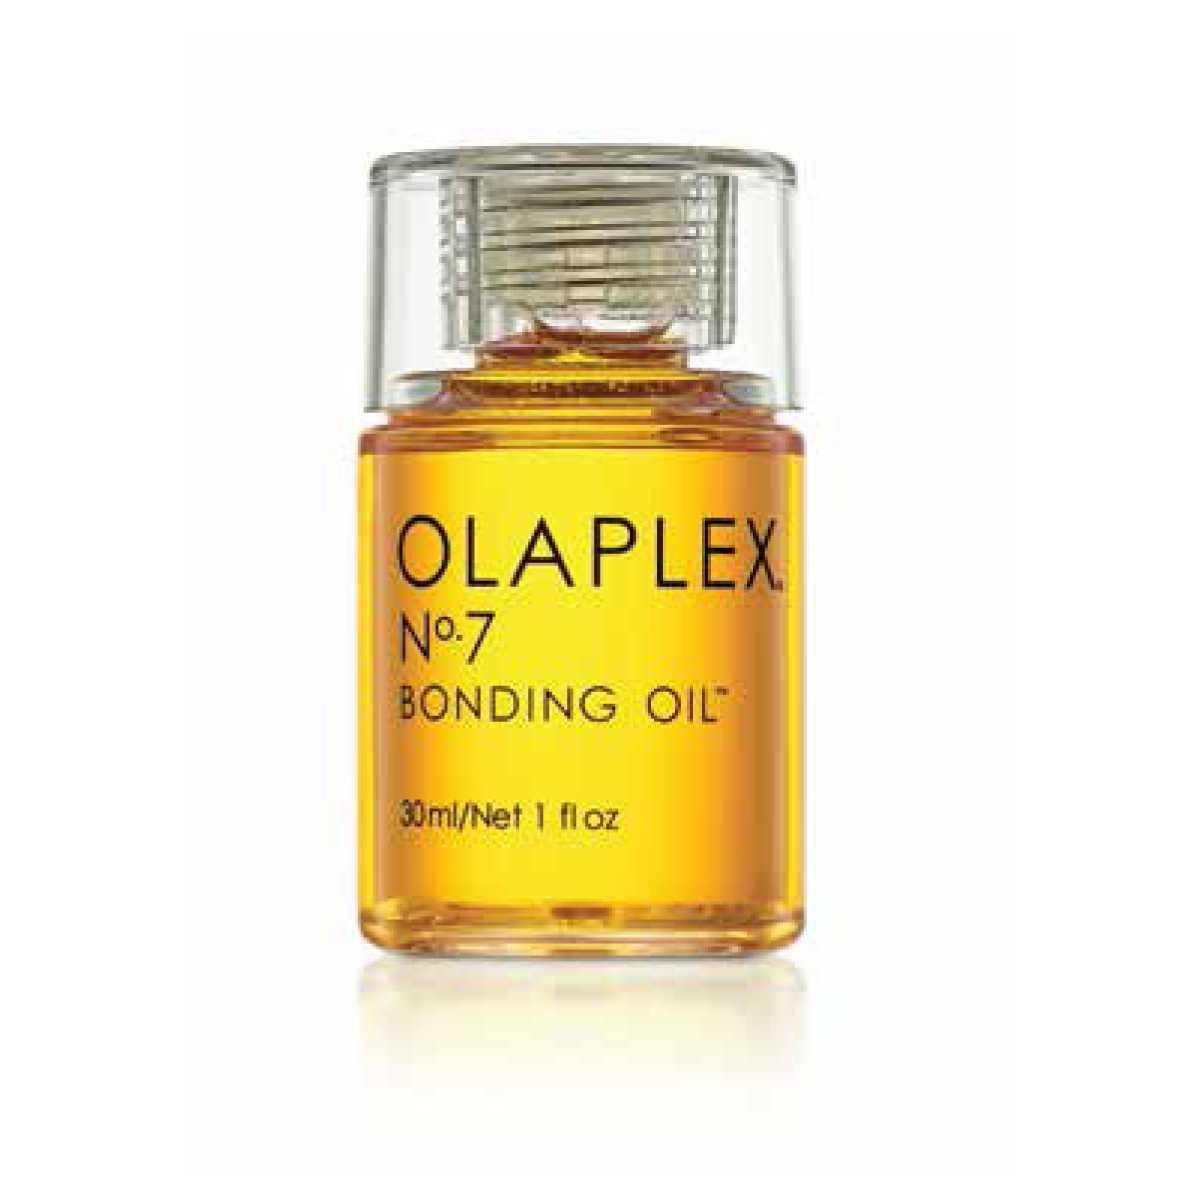 OLAPLEX N°.7 Bonding Oil